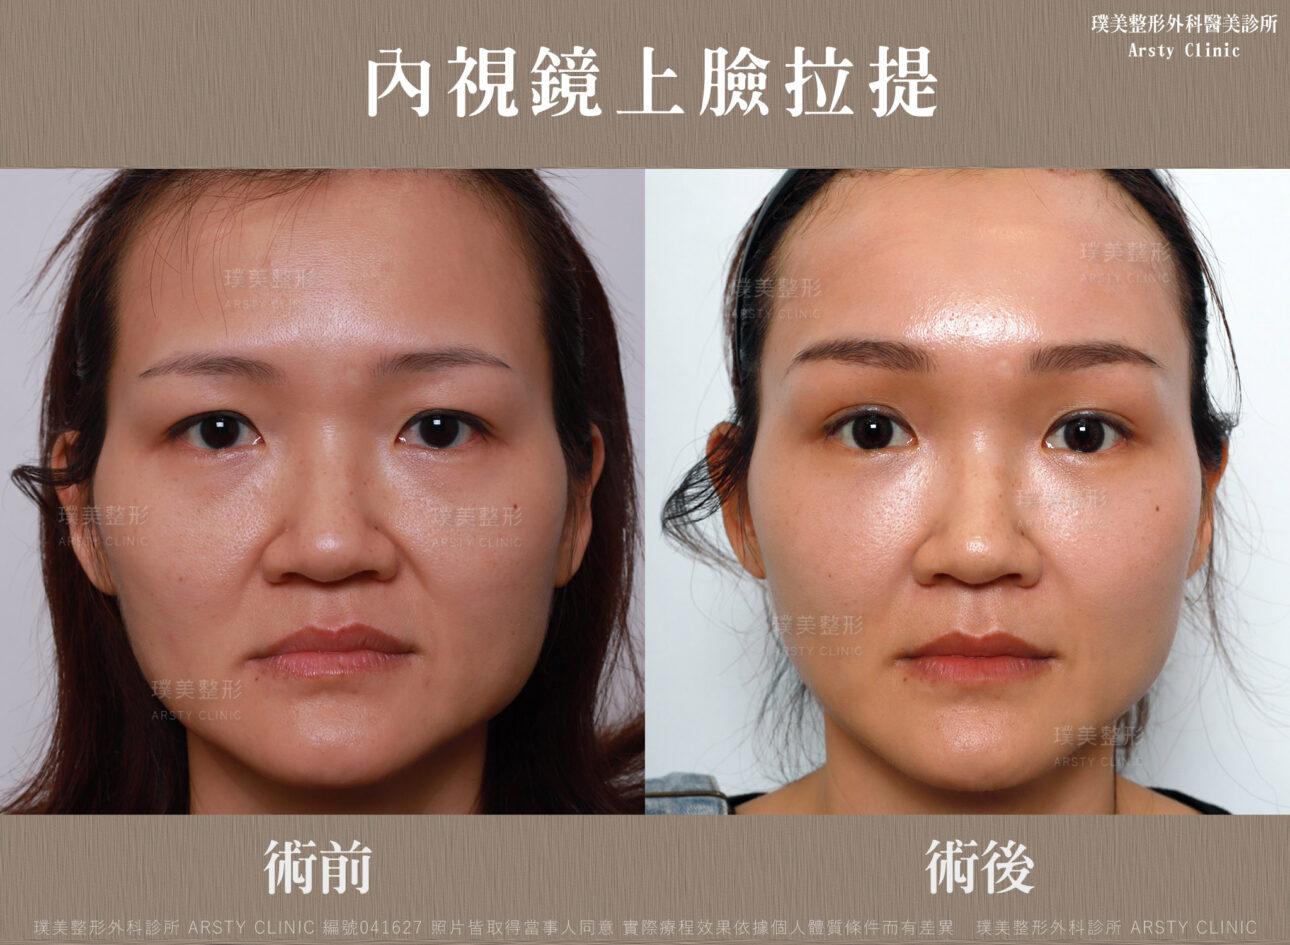 內視鏡提眉 上臉拉提 拉皮 眼袋內開 臉雕補脂 BA 041627 三個月正面 7